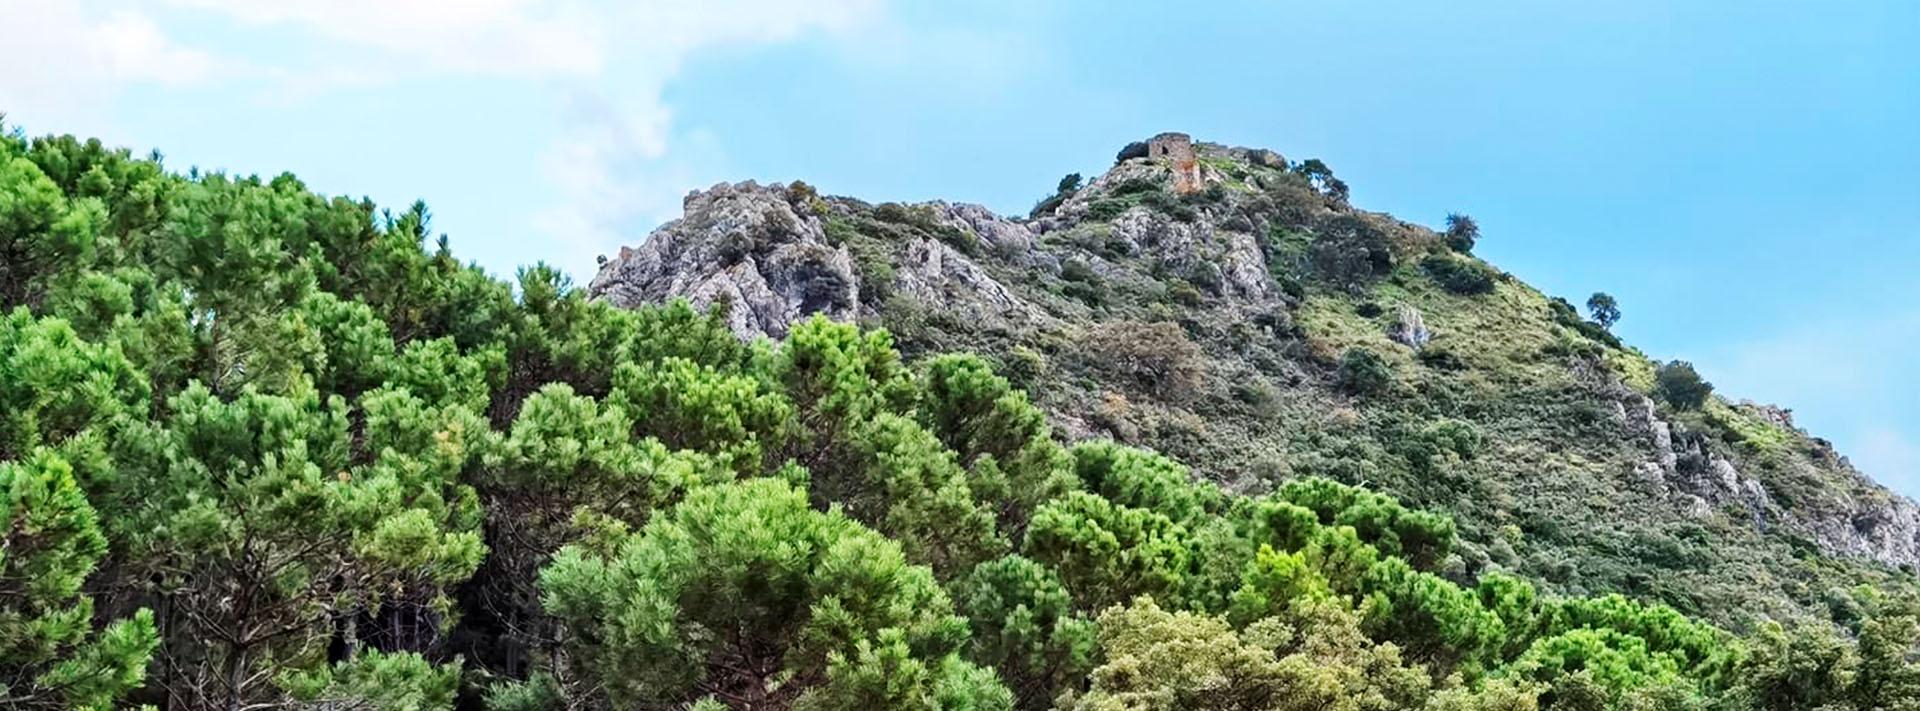 Constituida una plataforma contra las torres de alta tensión en el paraje Montemayor (Benahavís)